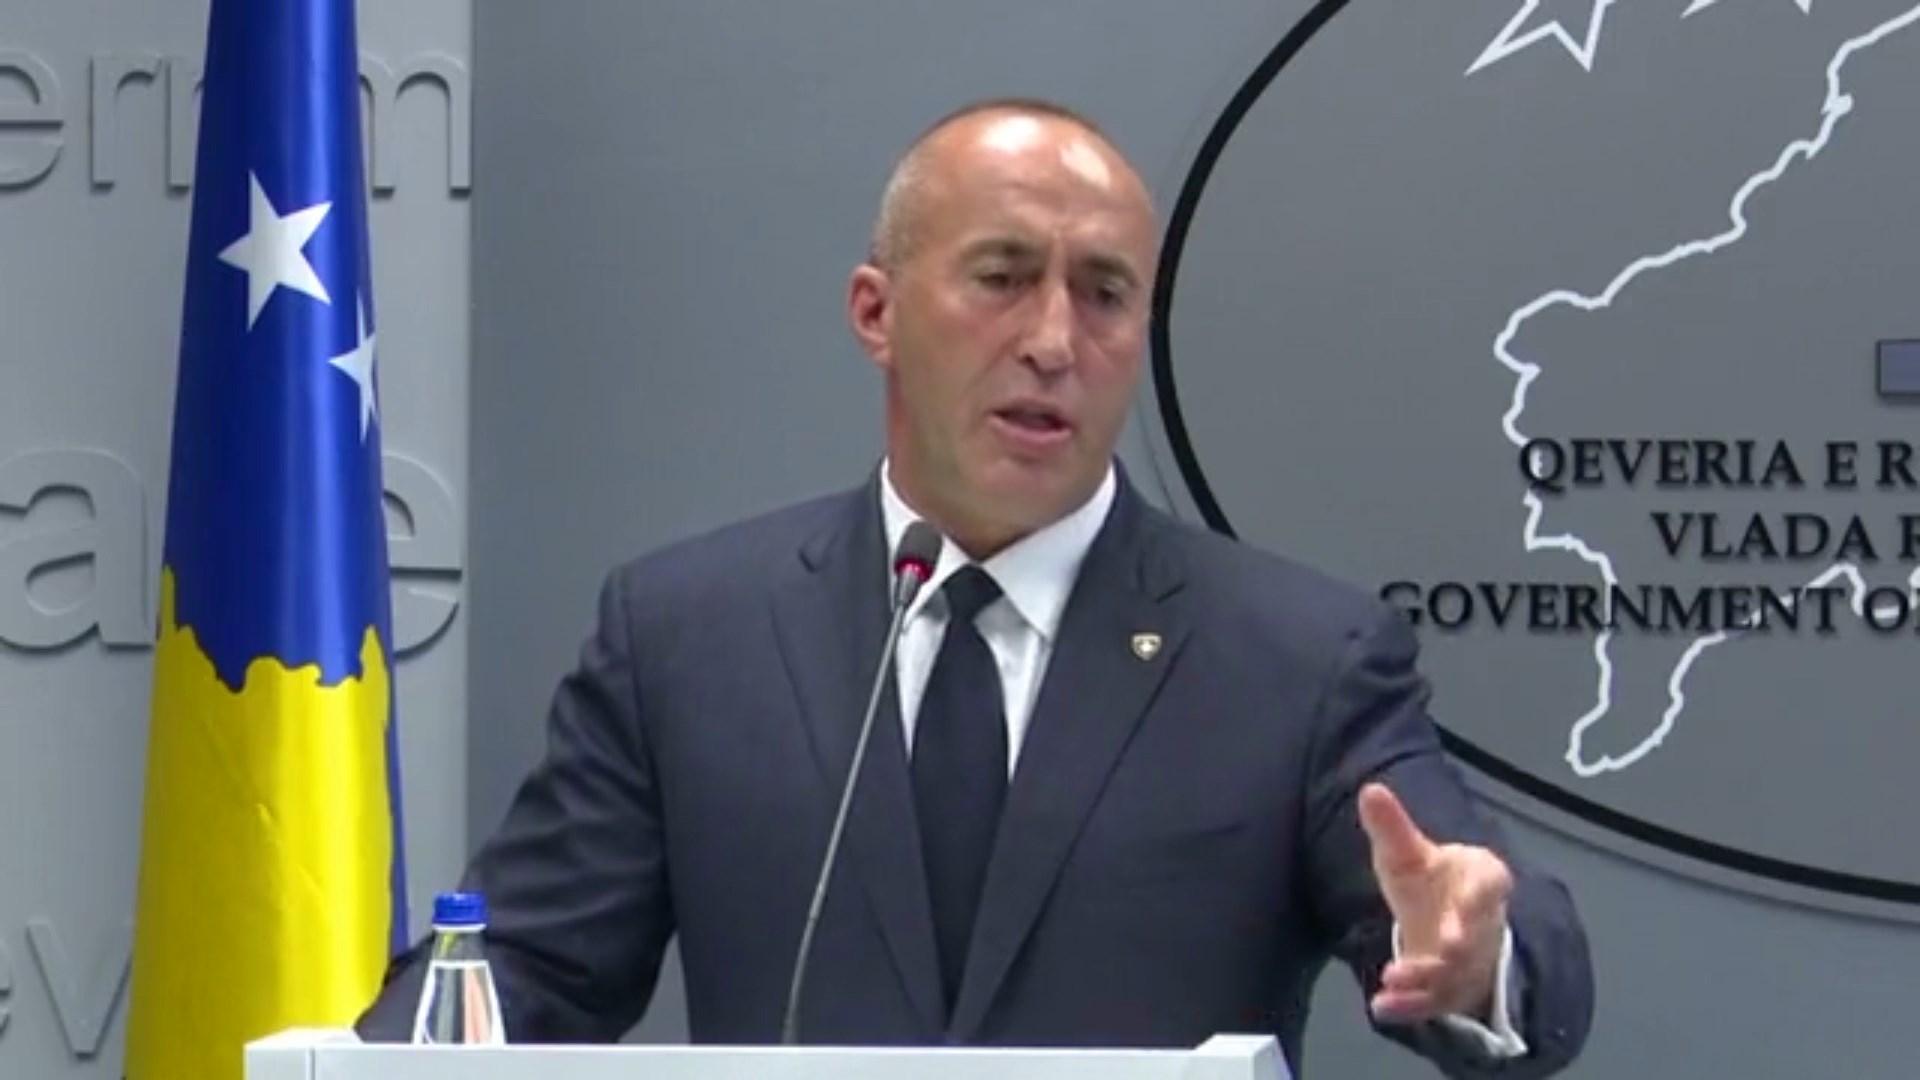 Haradinaj kërkon postin e presidentit me çdo kusht: Në të kundërtën vendi shkon në zgjedhje